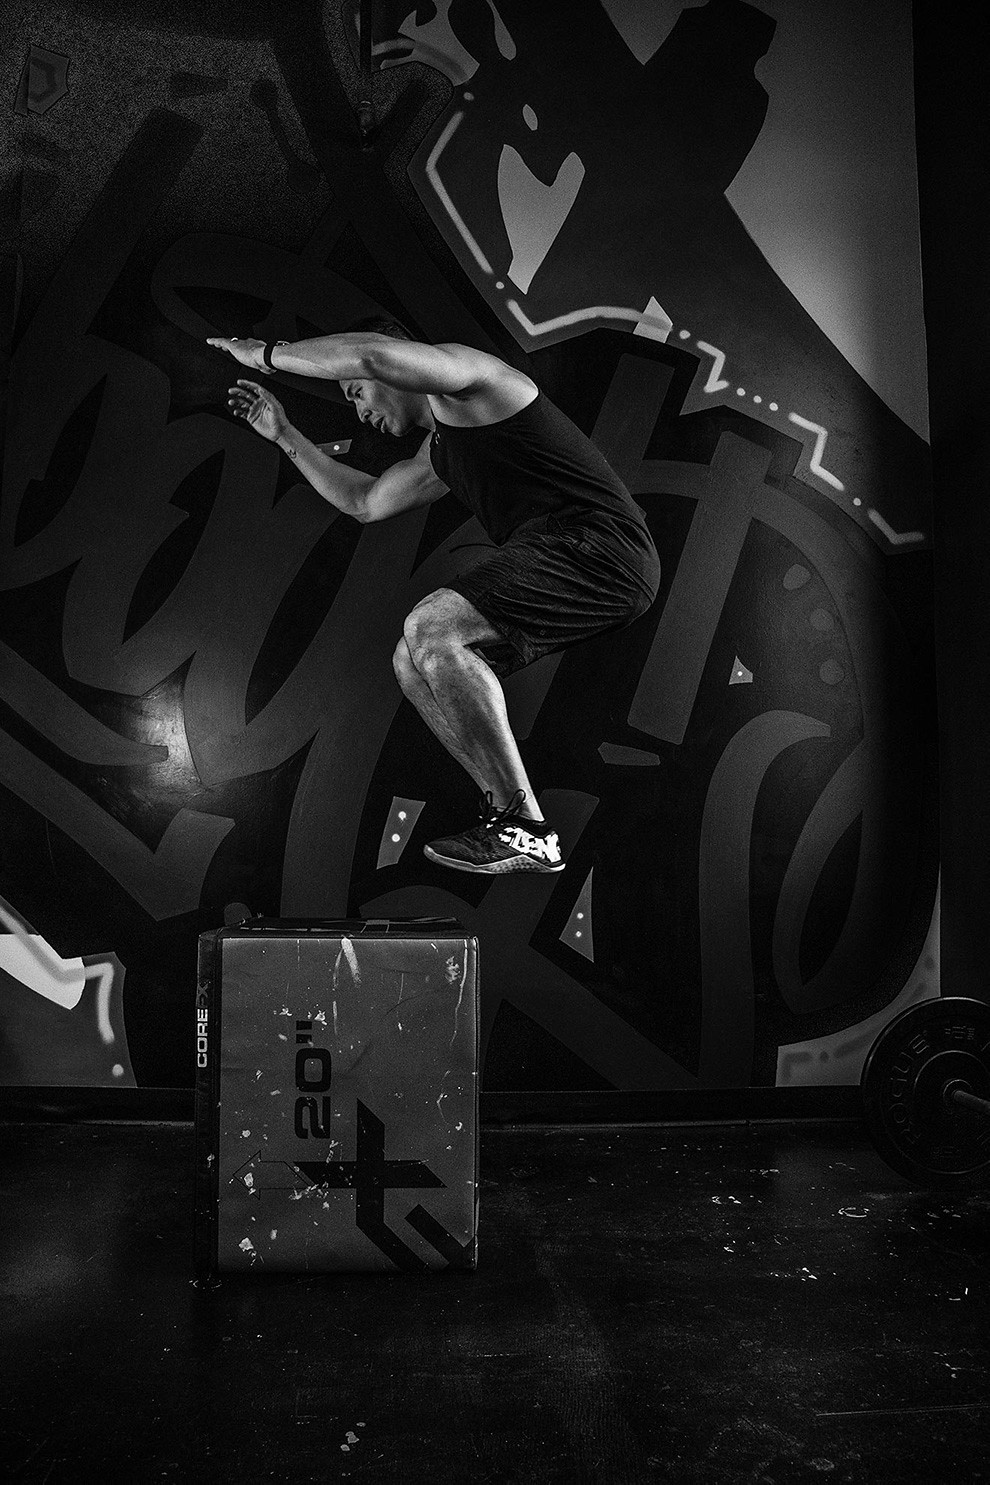 Eric Zeng up flying